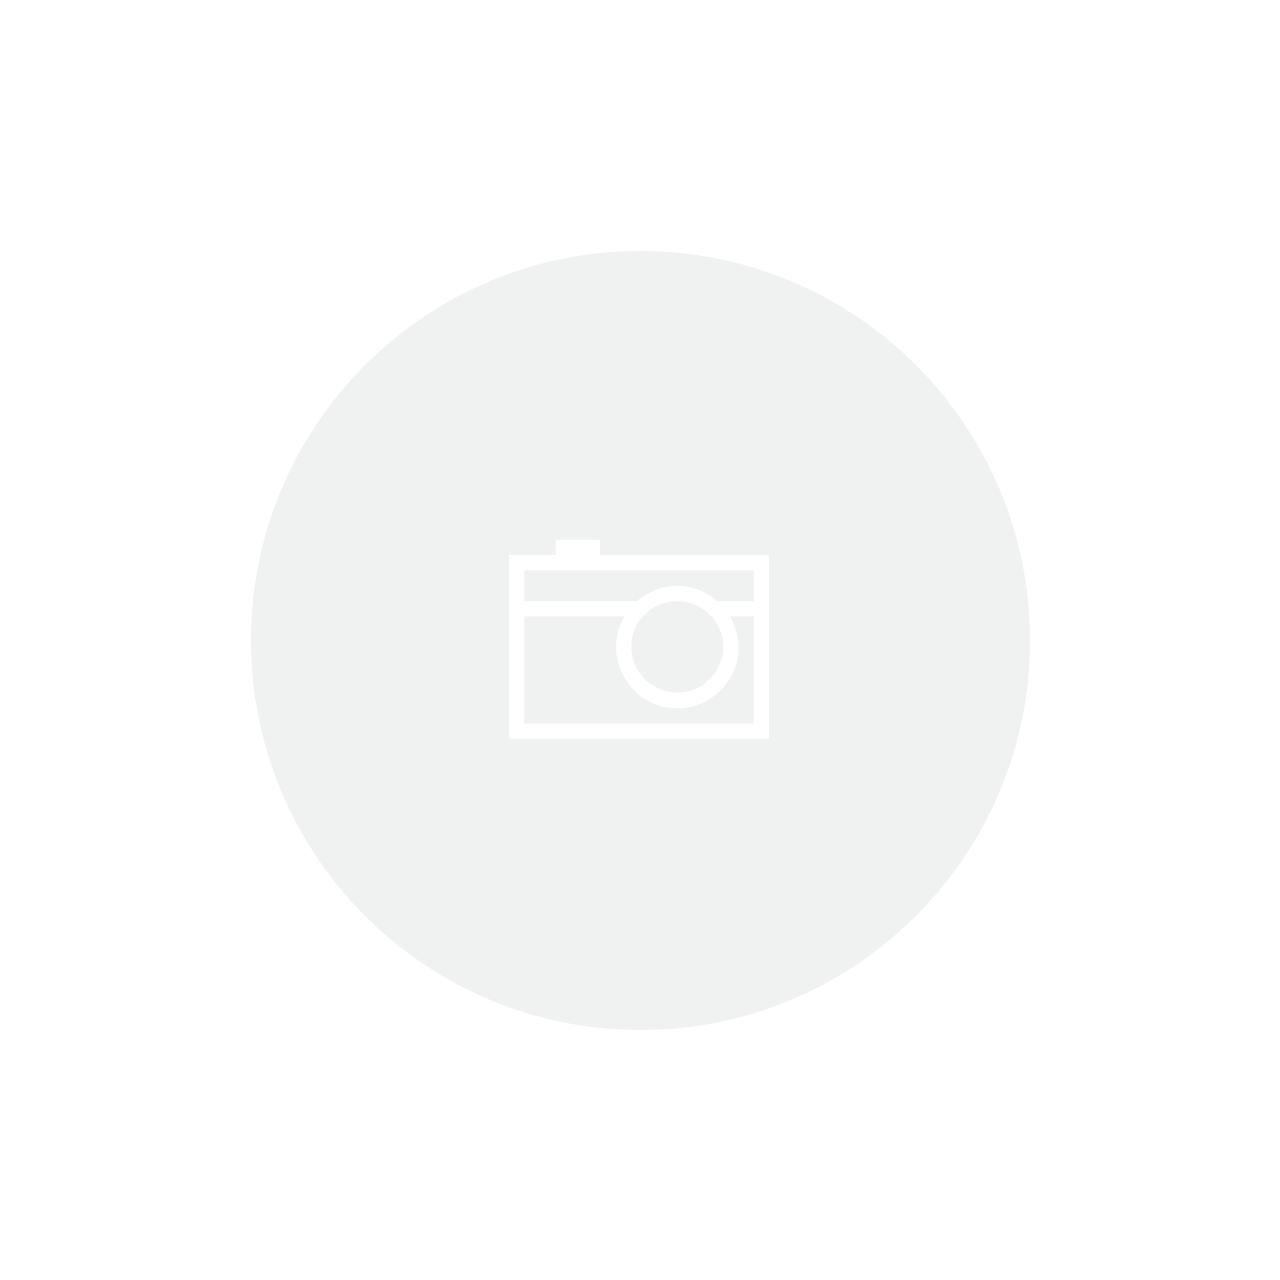 Kit Intermediário BMW / MINI - (a partir 2015) - Desbloqueio do DVD Original + Câmera de Ré + TV Full HD c/ 1 AV + entrada USB + saída HDMI